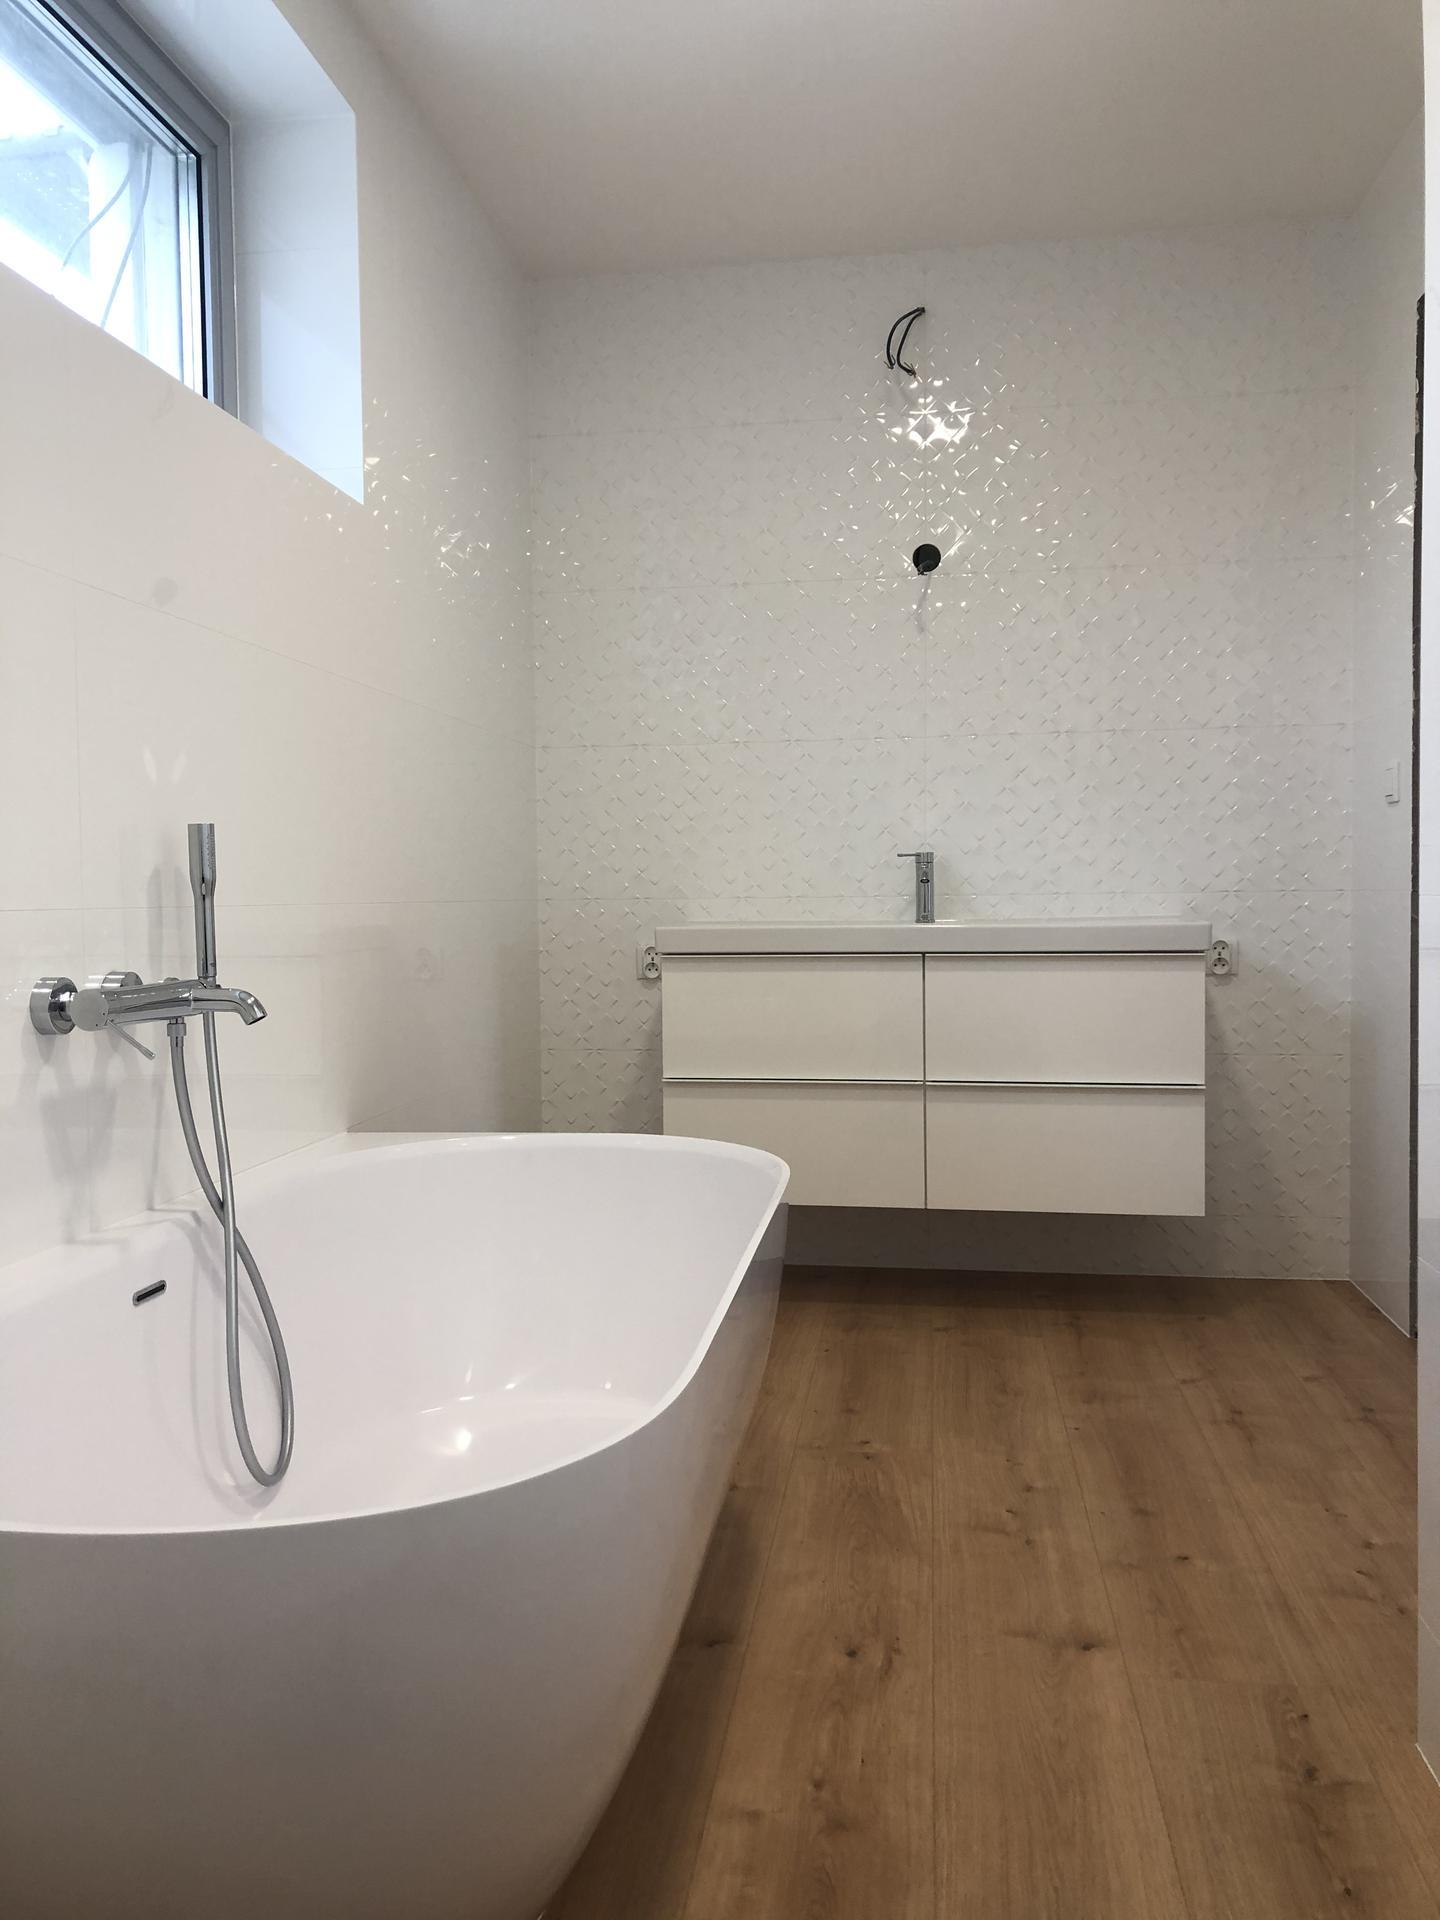 Rekonštrukcia domu - Kúpeľňa 2.np - umývadlová skrinka